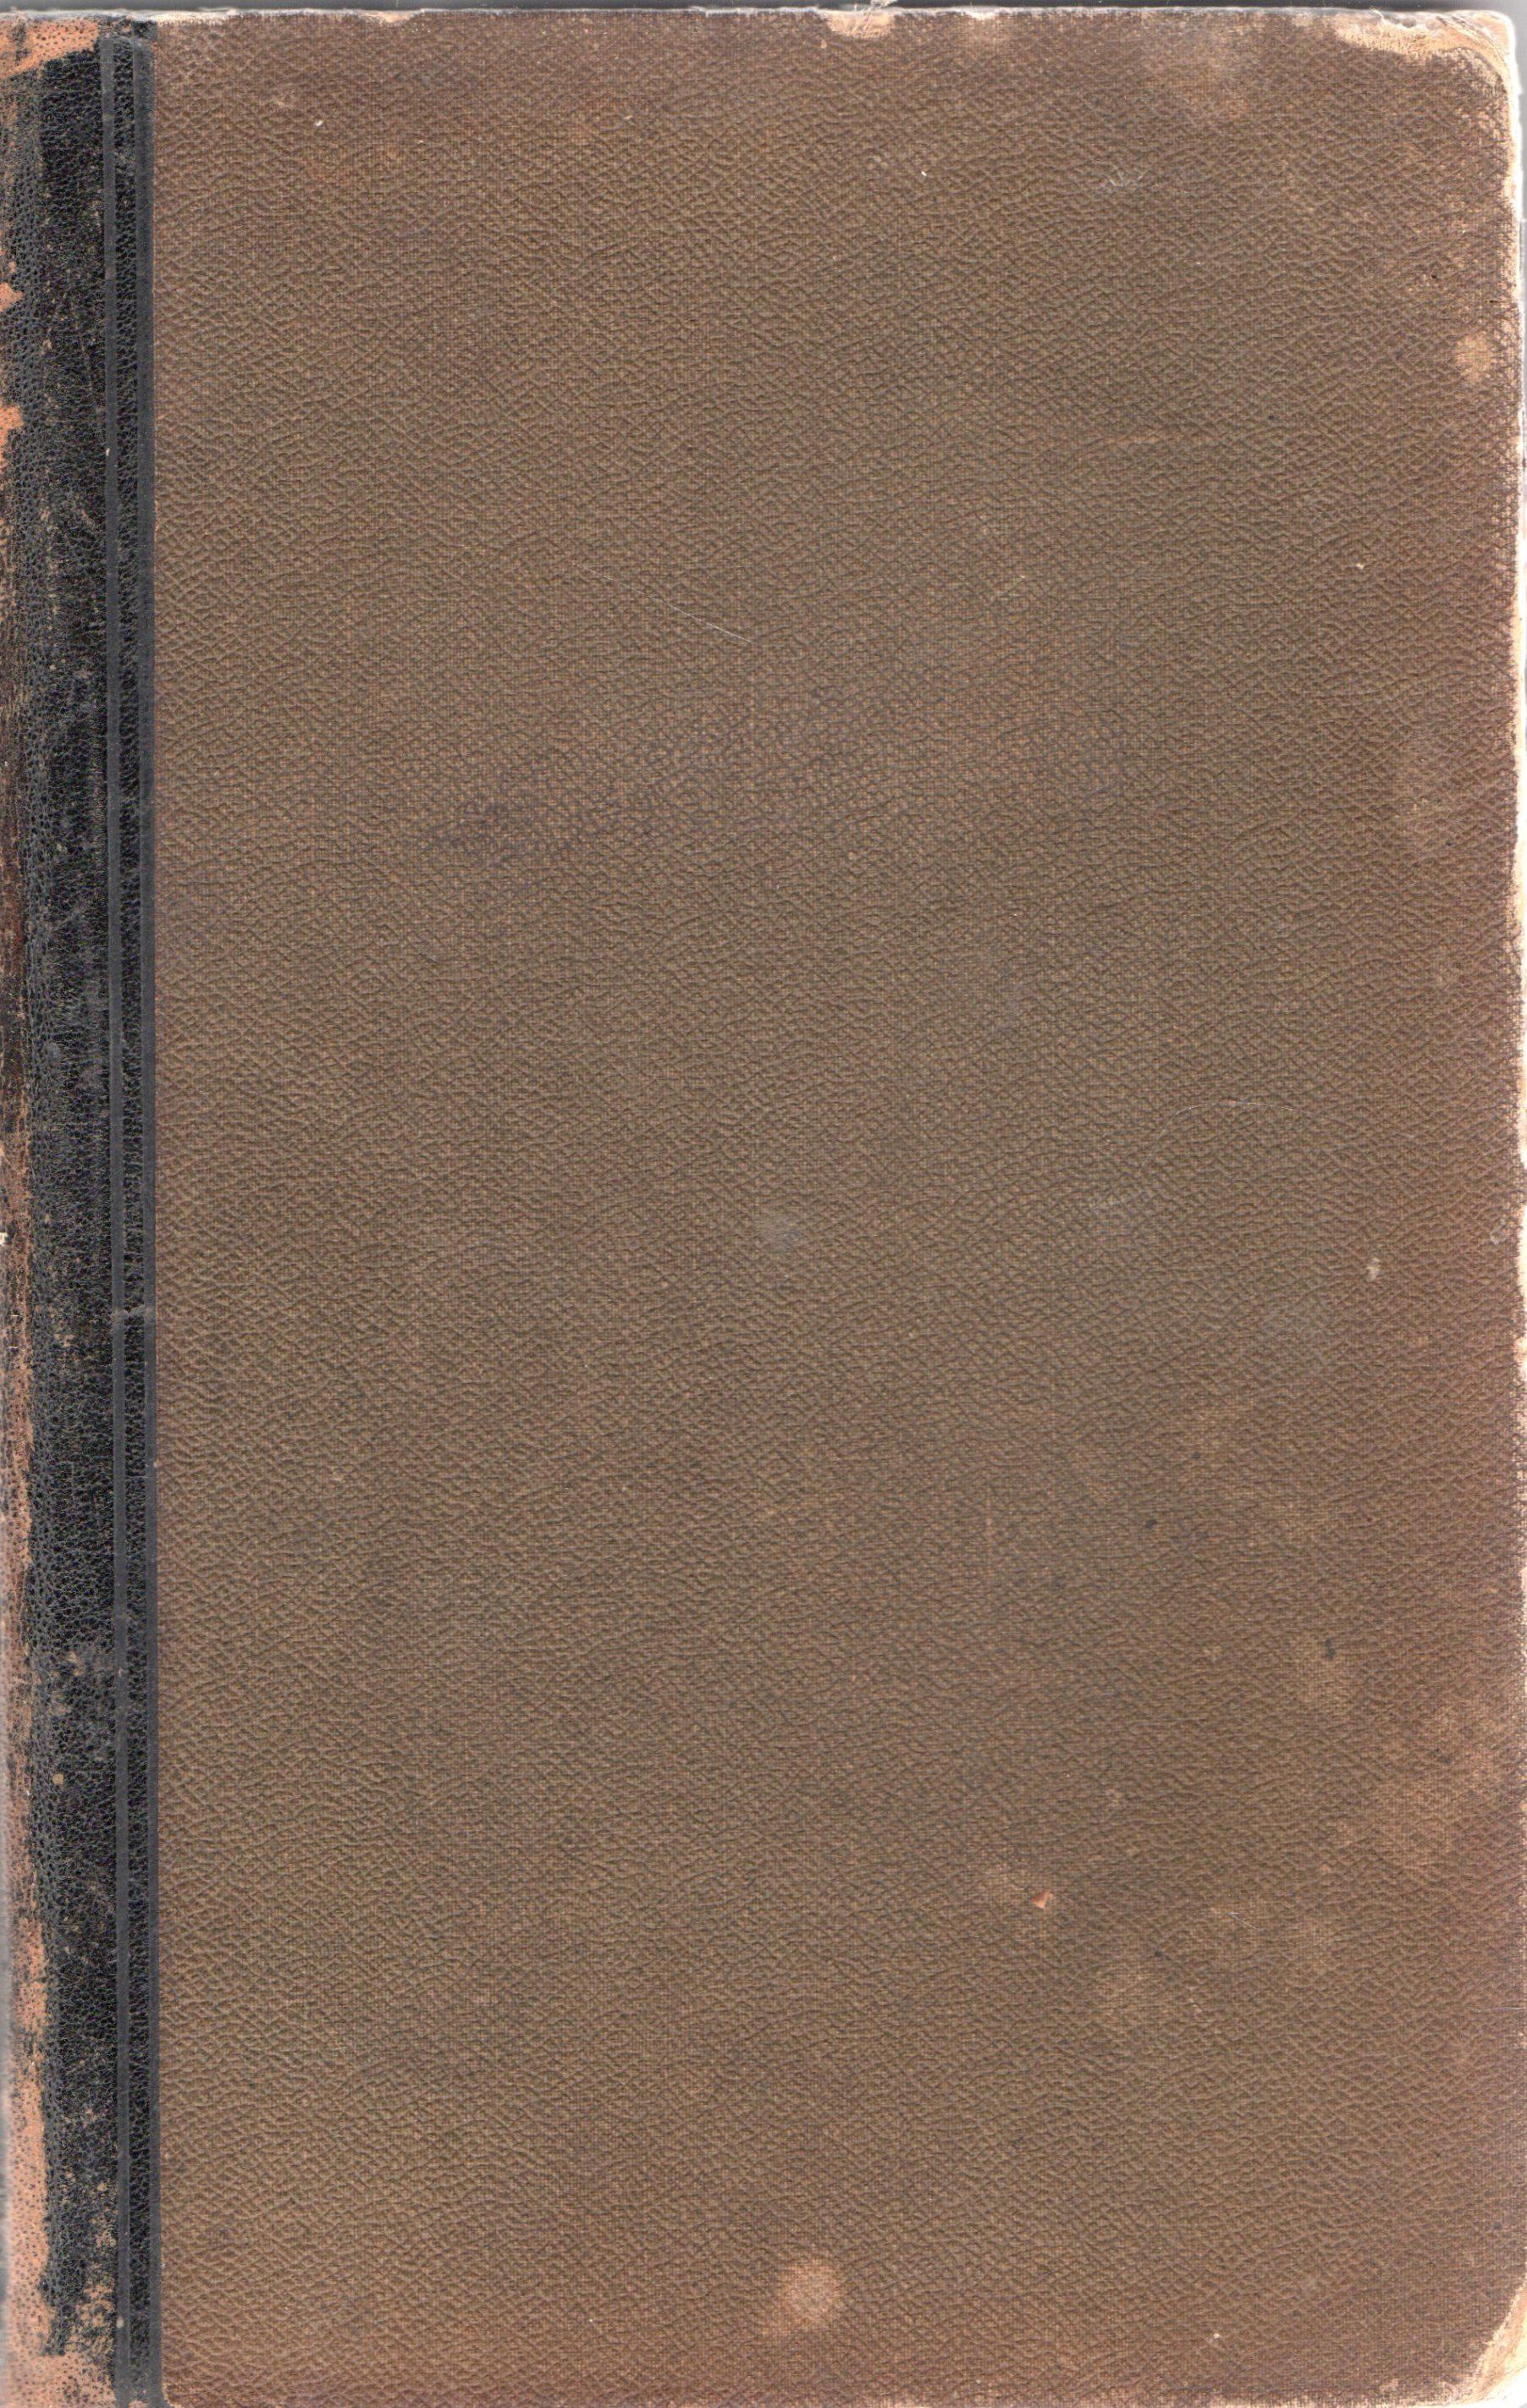 Енциклопедичний словник Брокгауза і Єфрона. Т. ІХ А (2 од.)